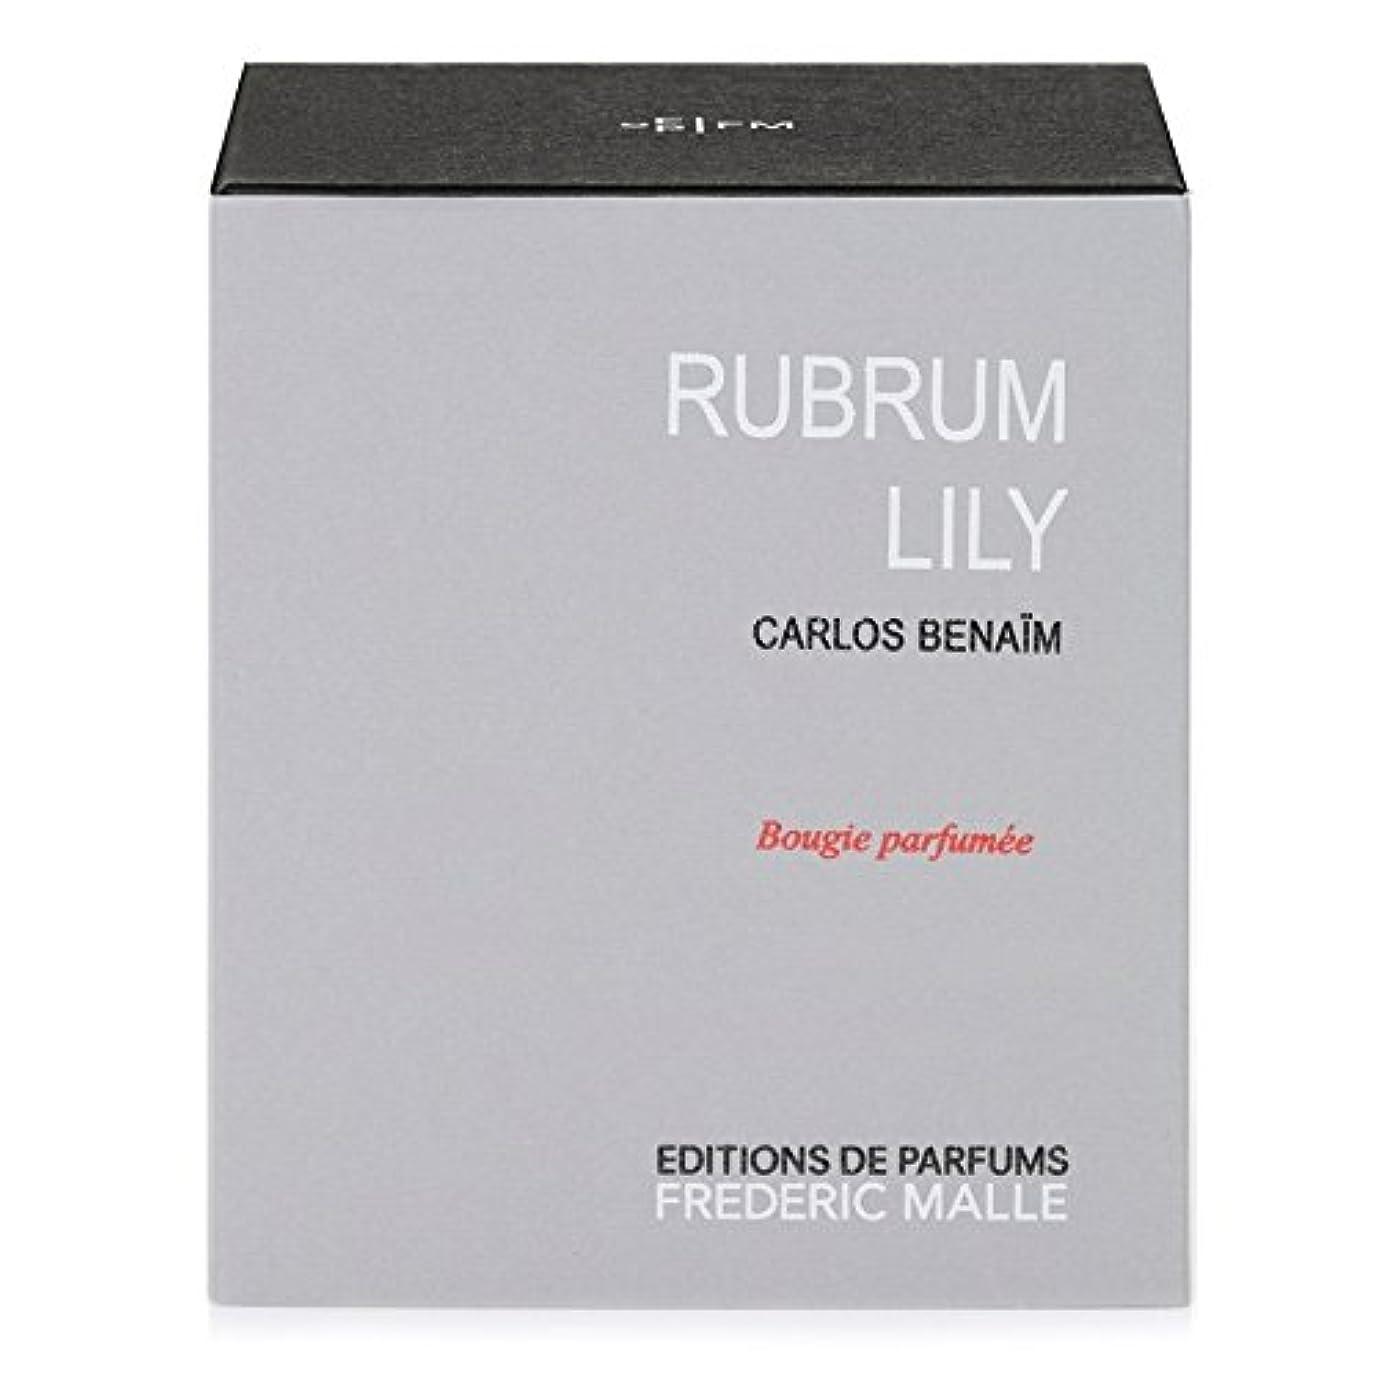 ウィザード有害著名なFrederic Malle Rubrum Lily Scented Candle (Pack of 2) - フレデリック?マルルブルムユリの香りのキャンドル x2 [並行輸入品]